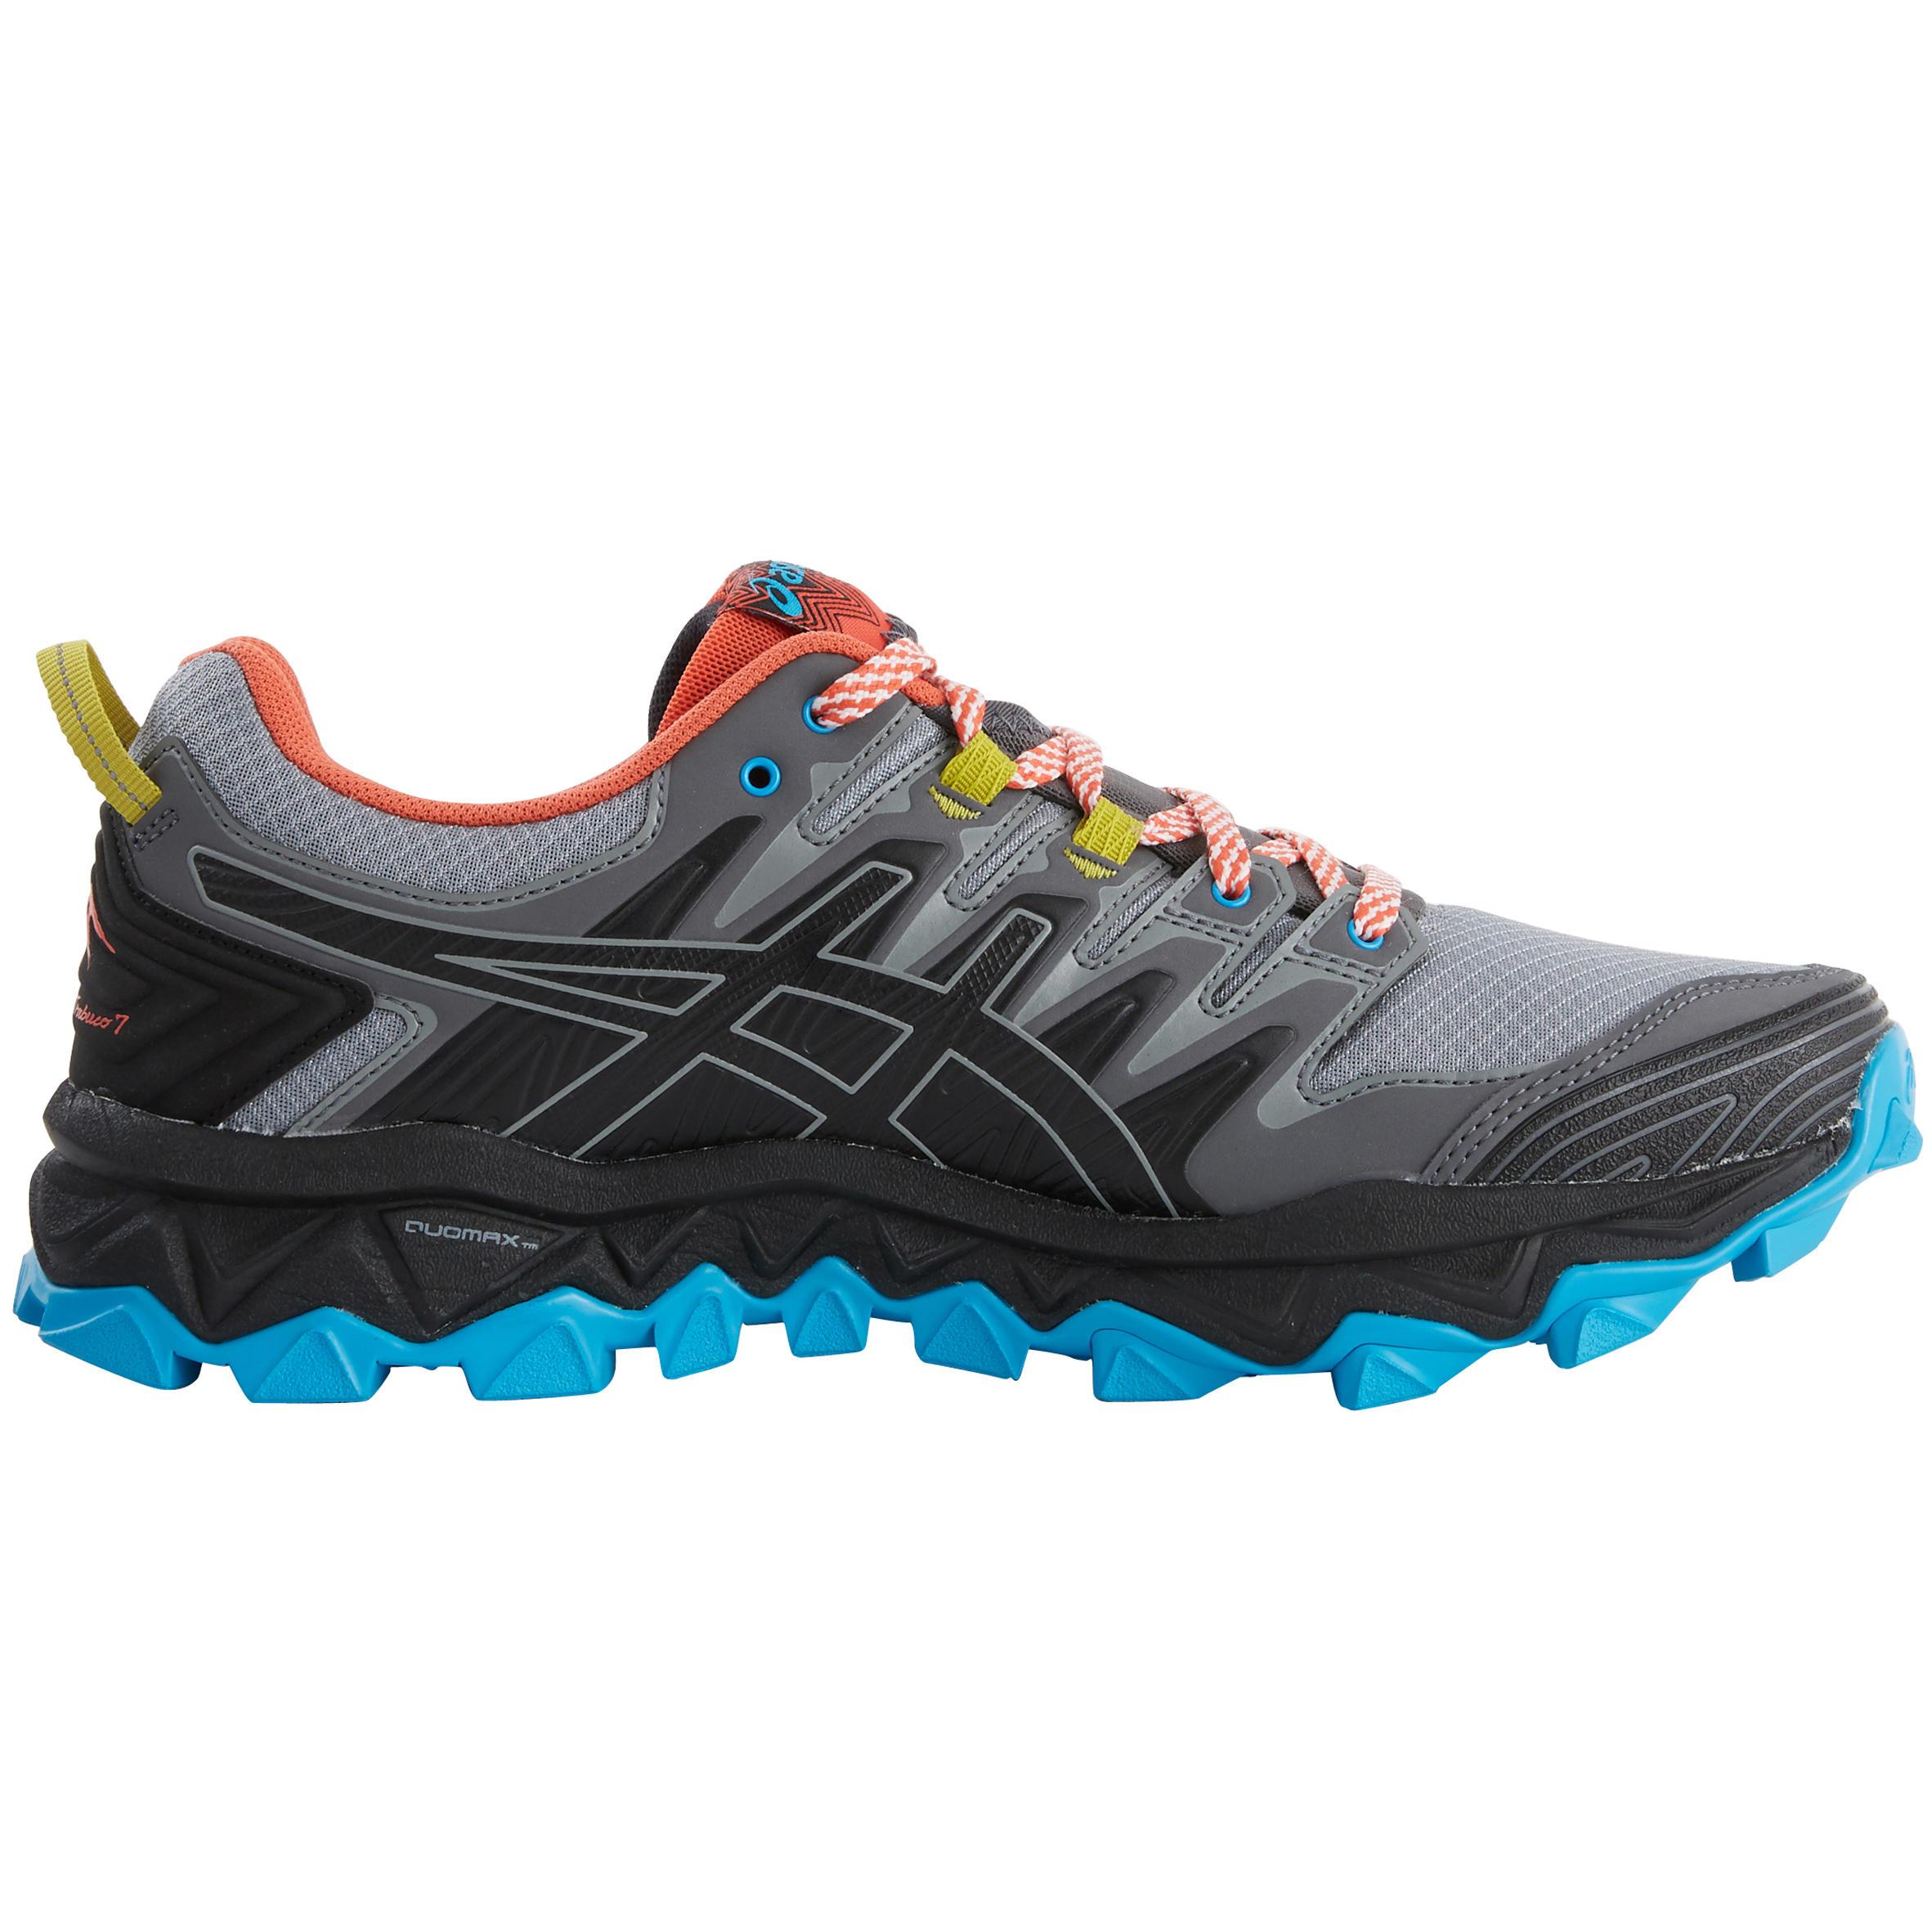 Asics Trailschoenen voor heren Asics Gel Fujitrabuco 7 grijs/blauw